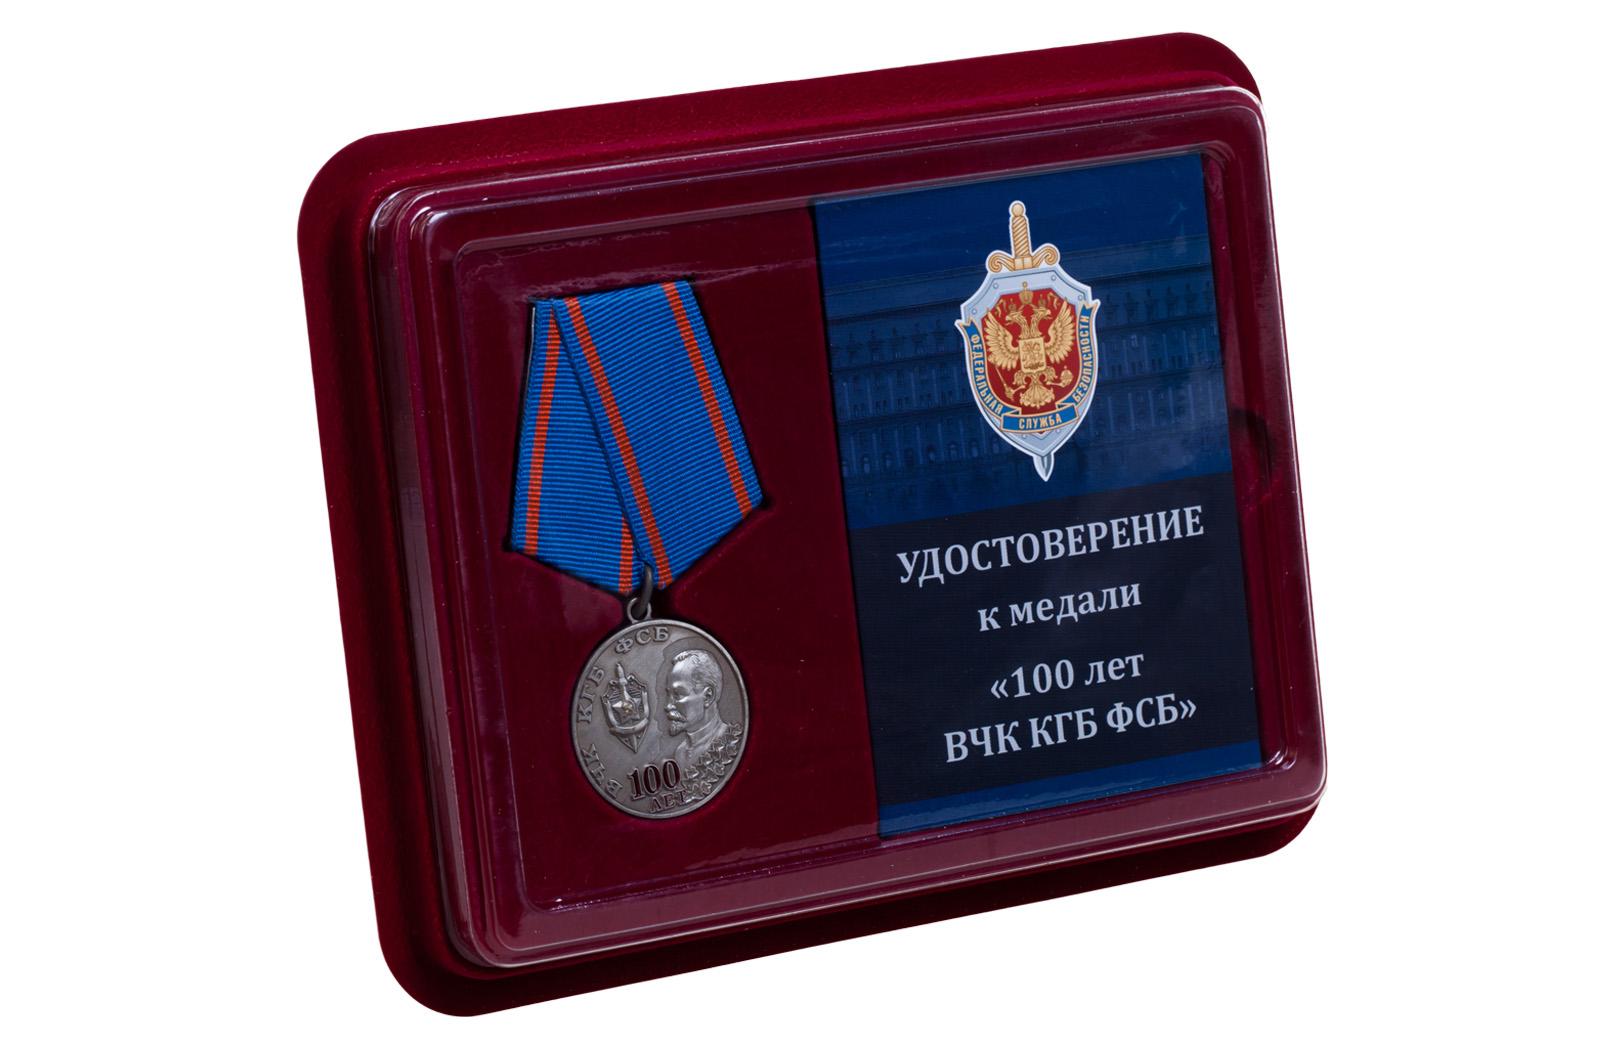 Купить памятную медаль 100 лет ВЧК КГБ ФСБ оптом или в розницу